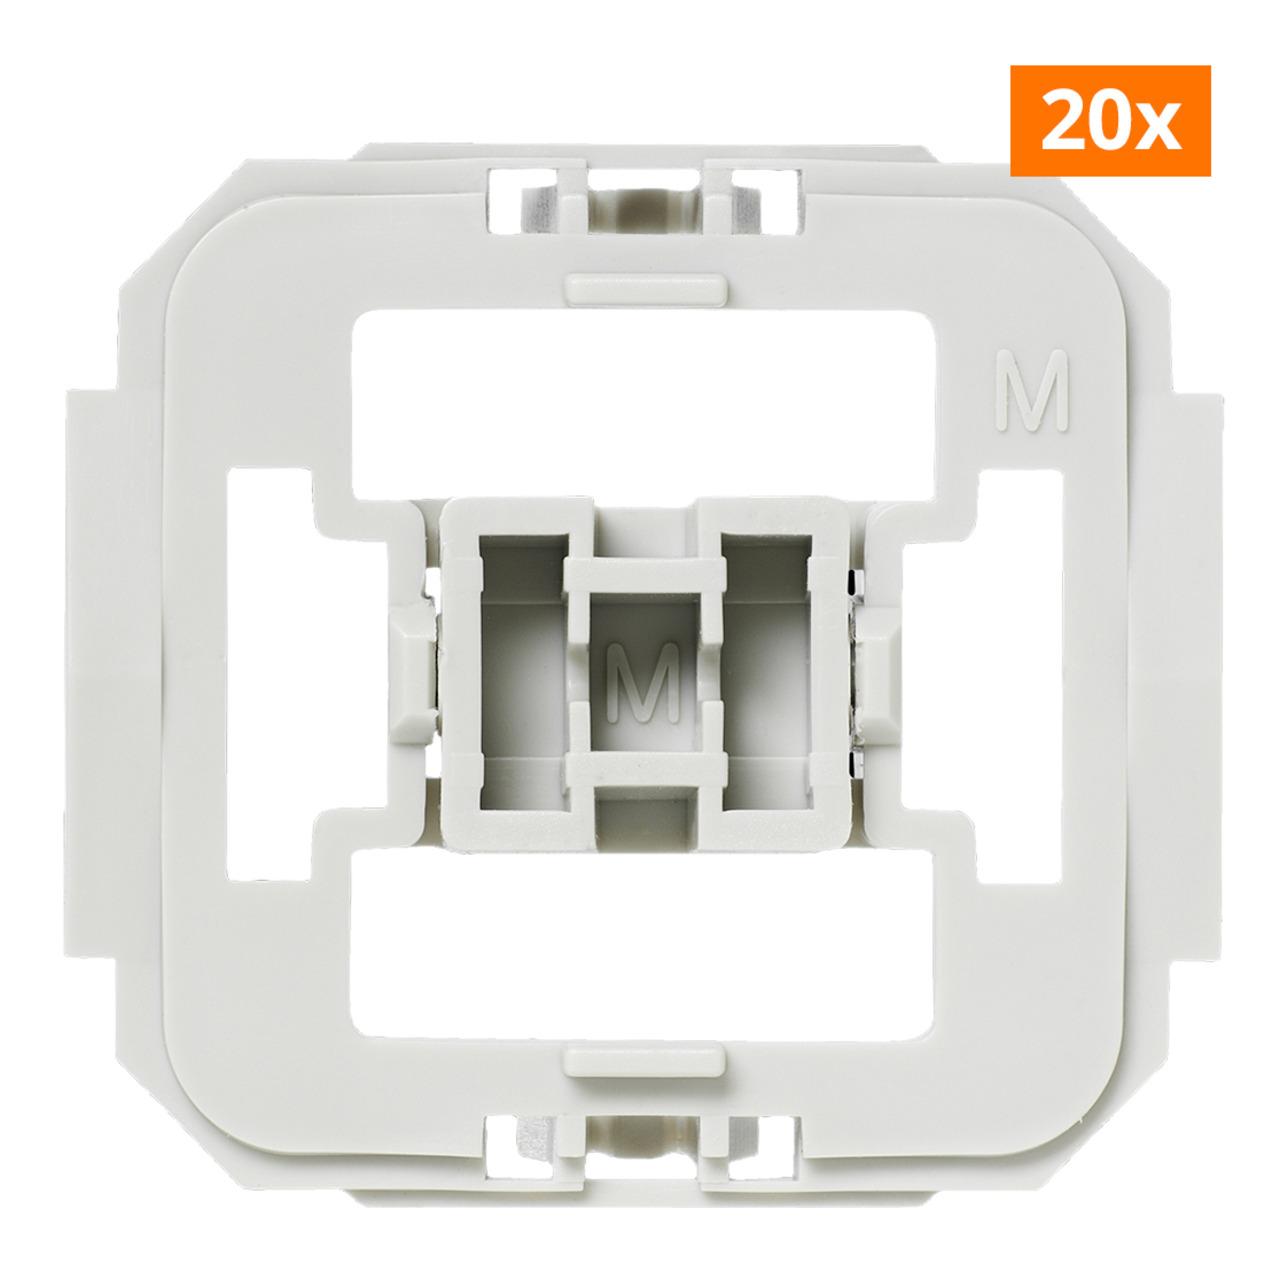 Installationsadapter für Merten-Schalter- 20er-Set für Smart Home / Hausautomation